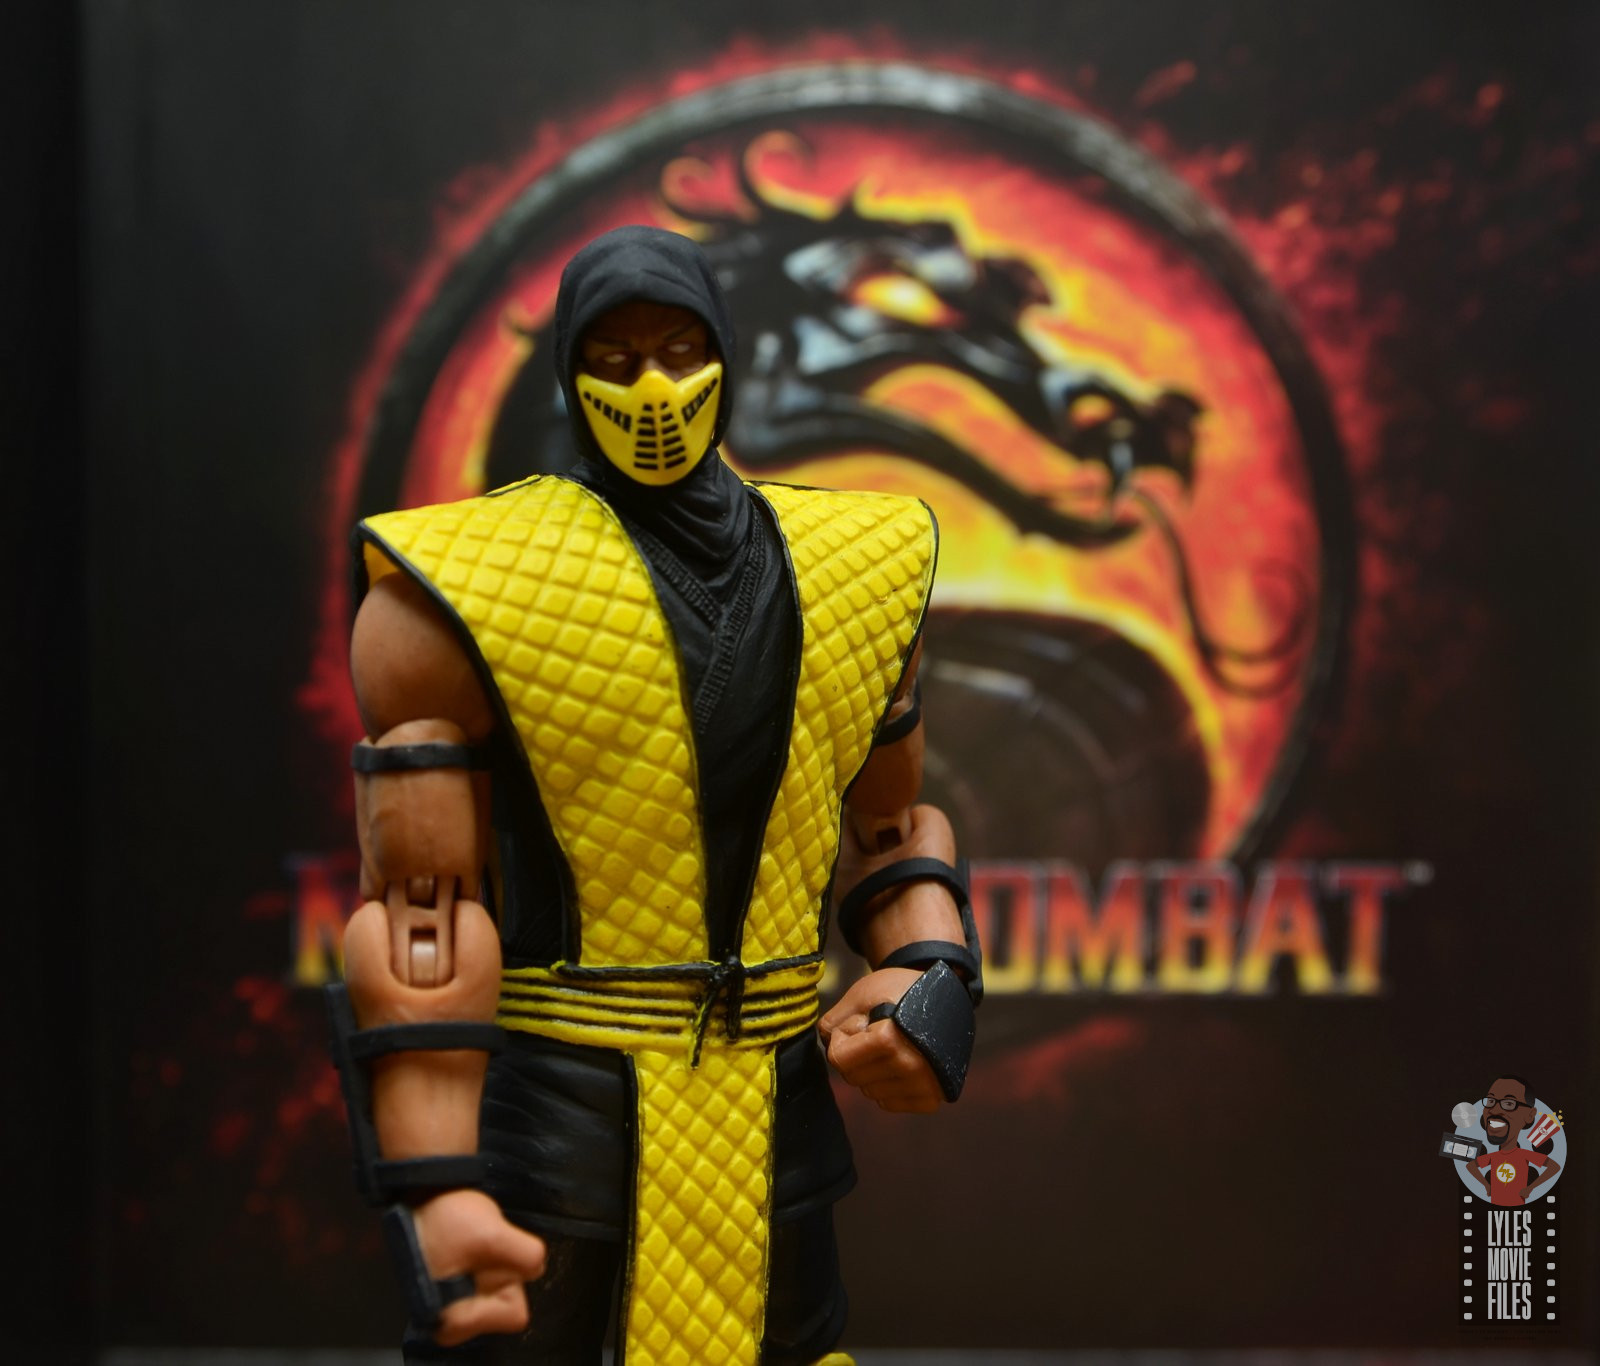 Storm Collectibles Mortal Kombat Scorpion Figure Review Lyles